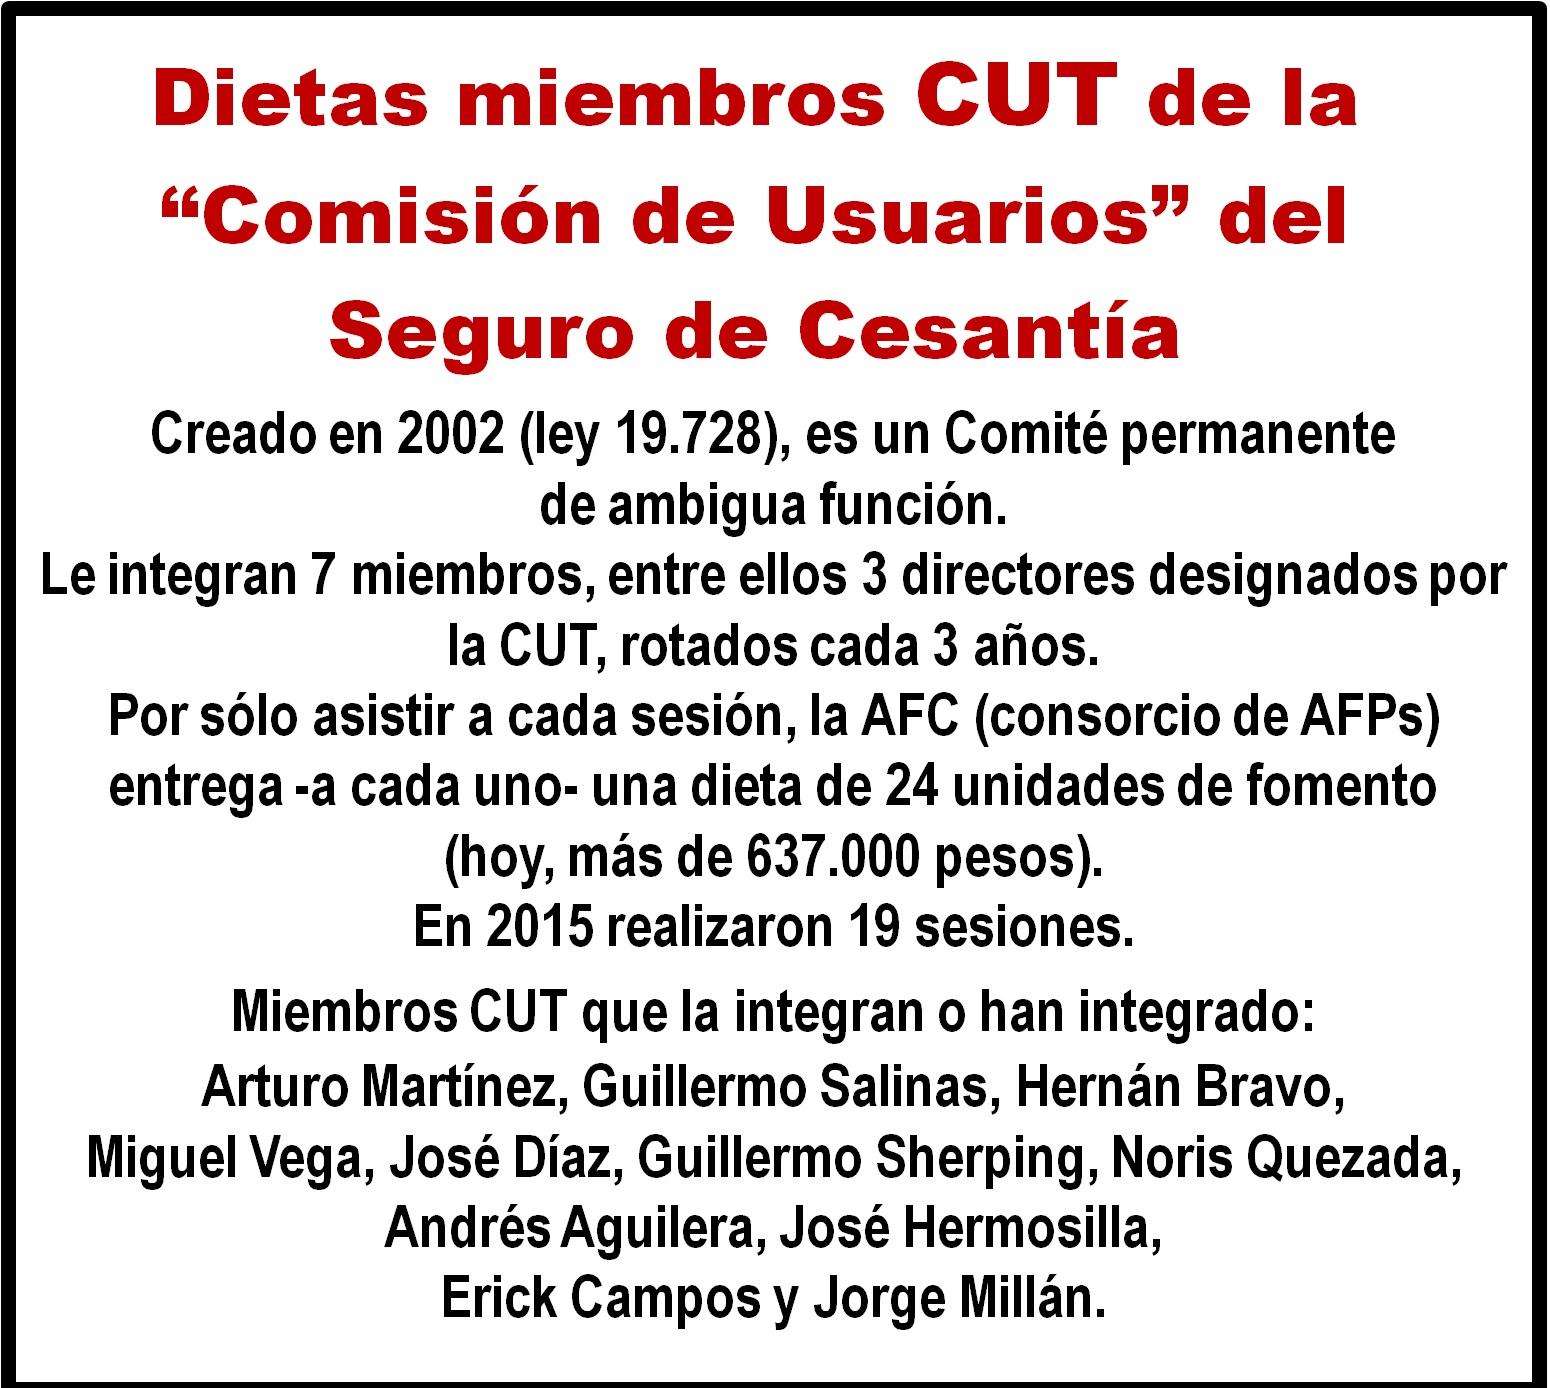 """Dietas en dinero para miembros CUT en """"Comisión de Usuarios"""" del Seguro de Cesantía."""